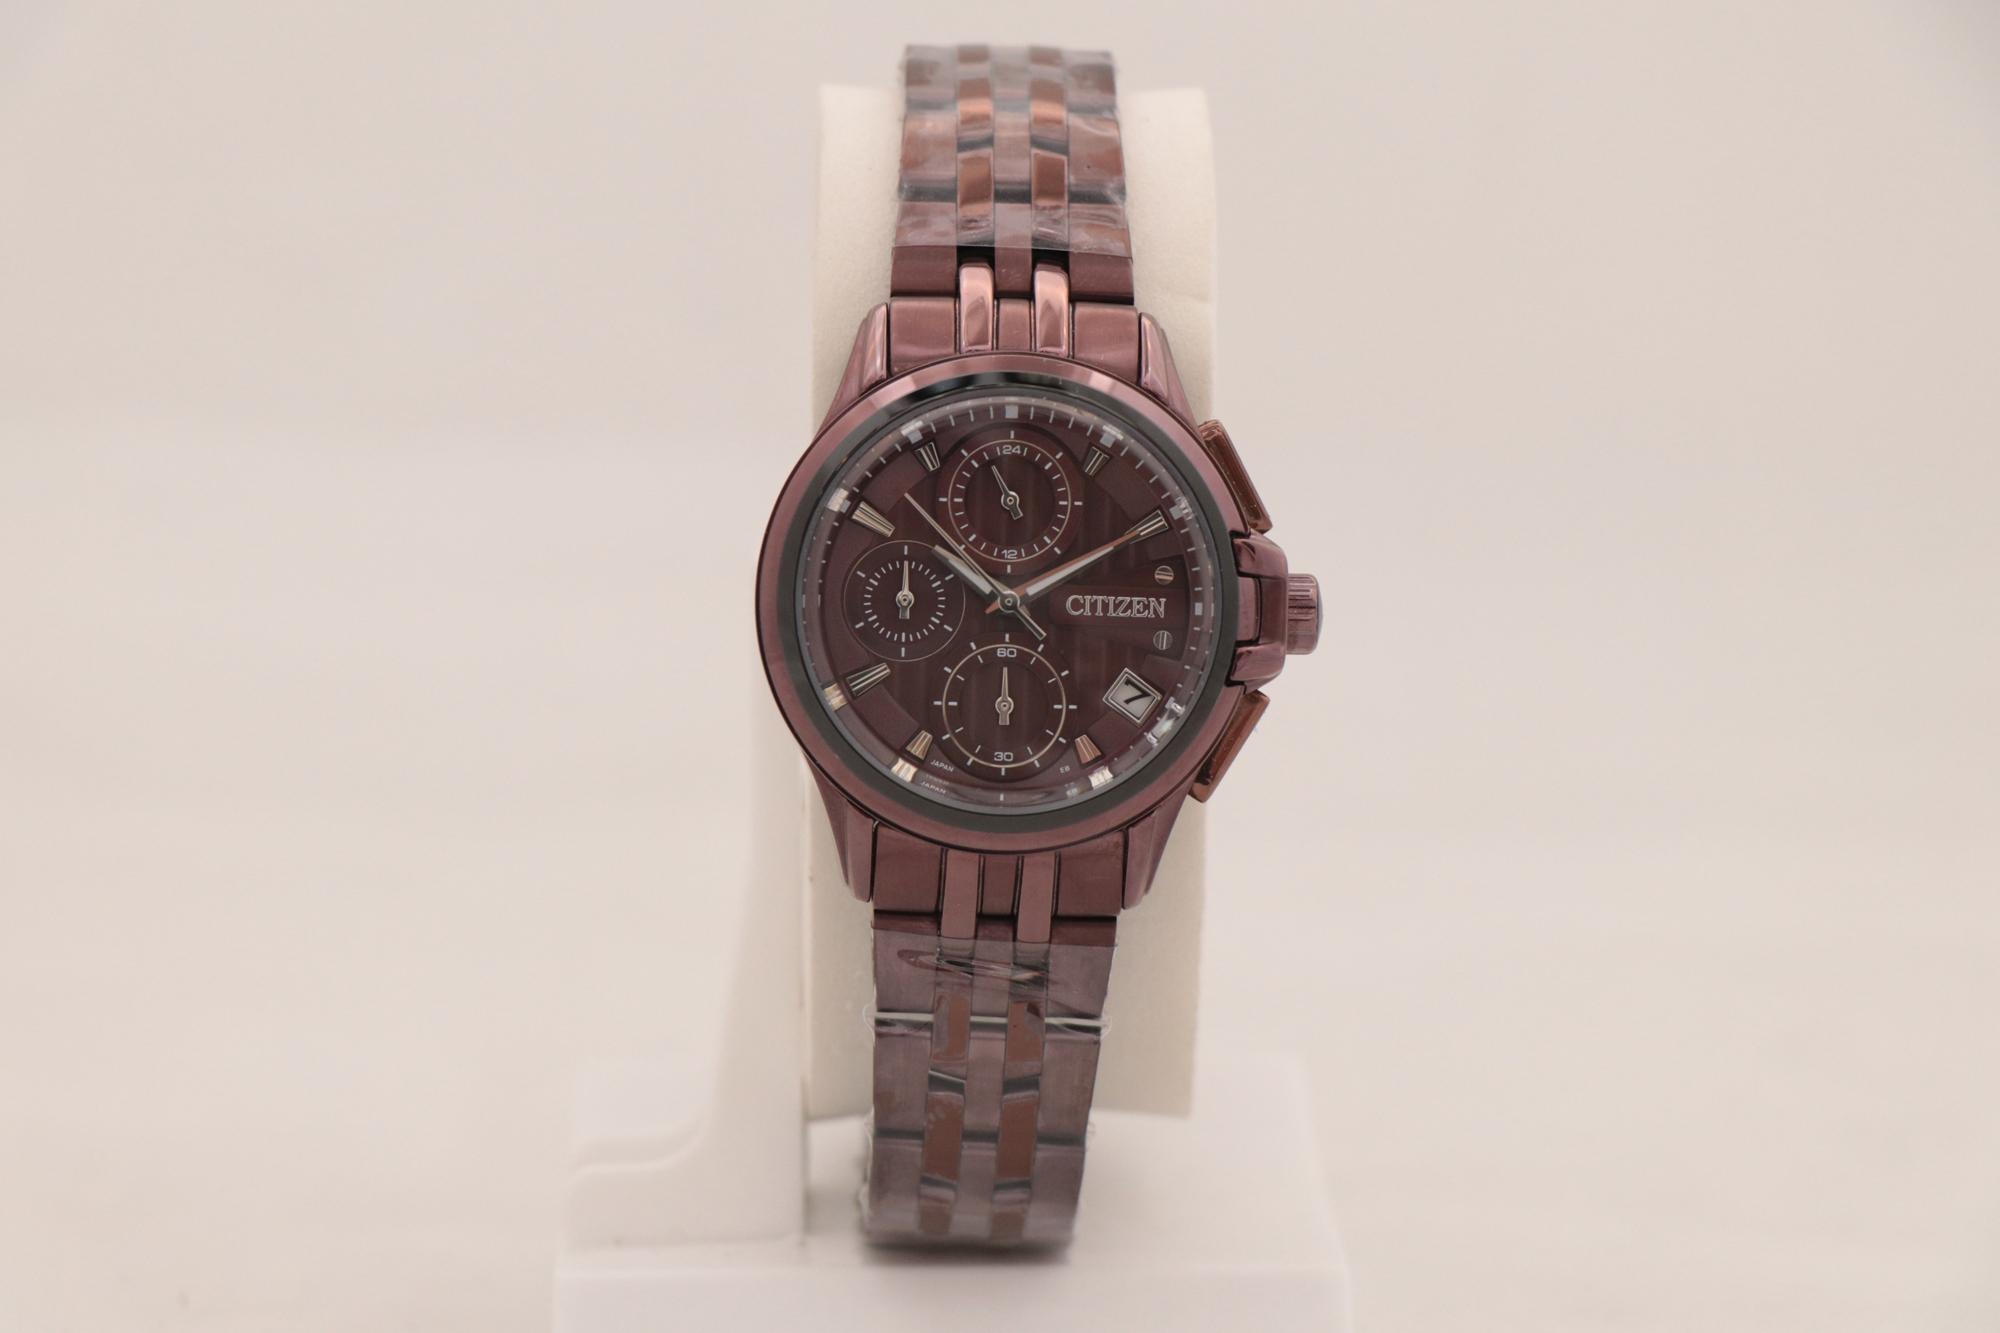 ساعت مچی عقربه ای زنانه سیتیزن مدل ۷۰۶۶